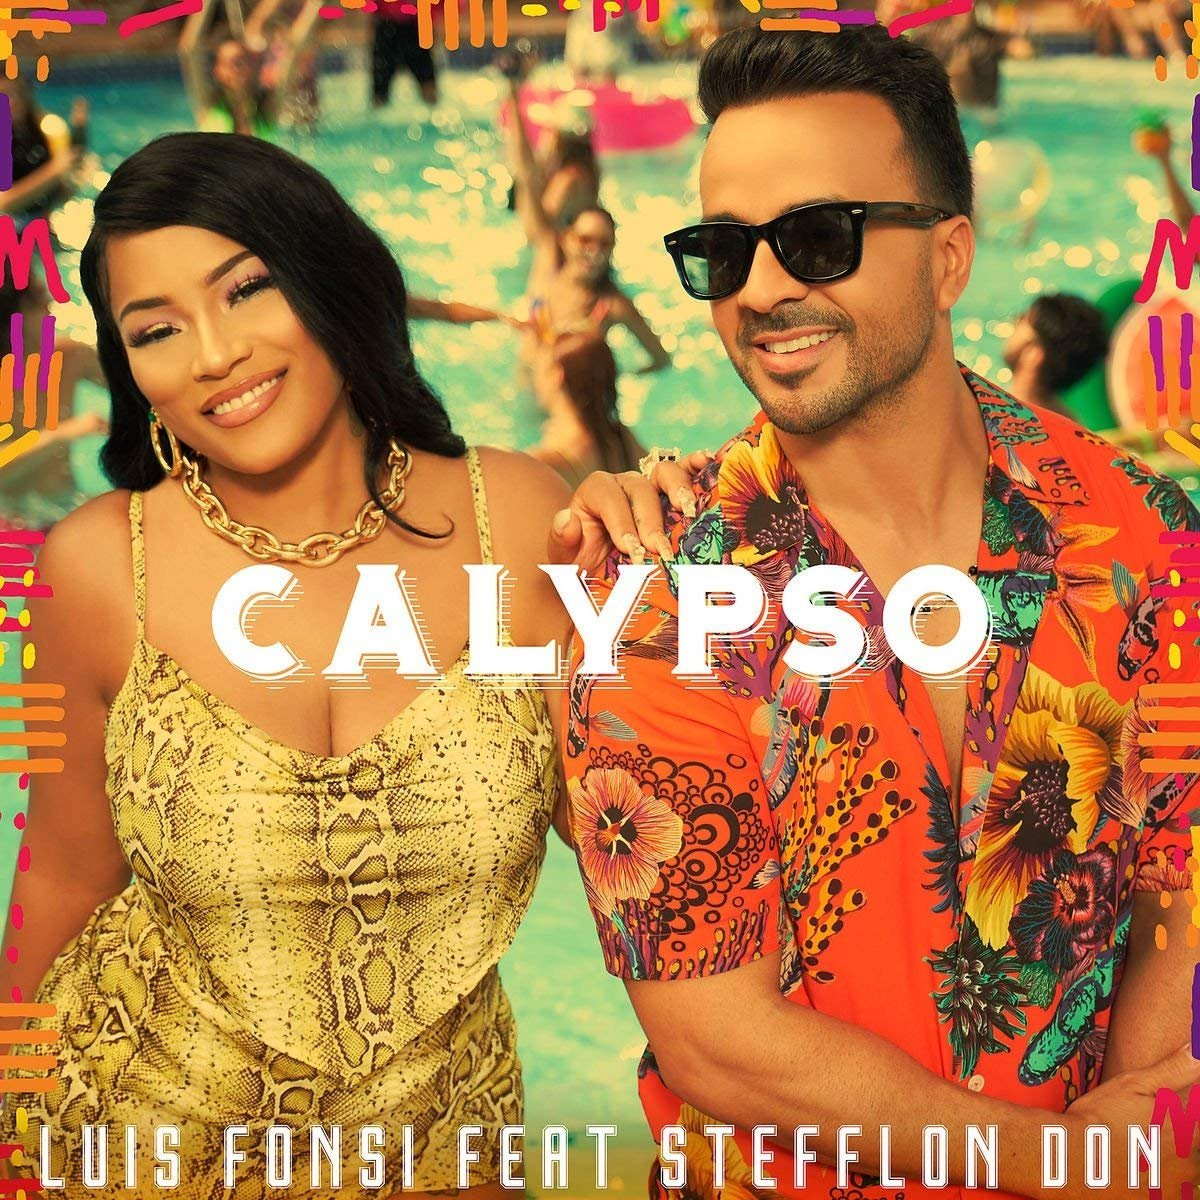 CΑLΥΡSΟ FEAT. STEFFLON DON. Estándar CD Sencillo (European Release)